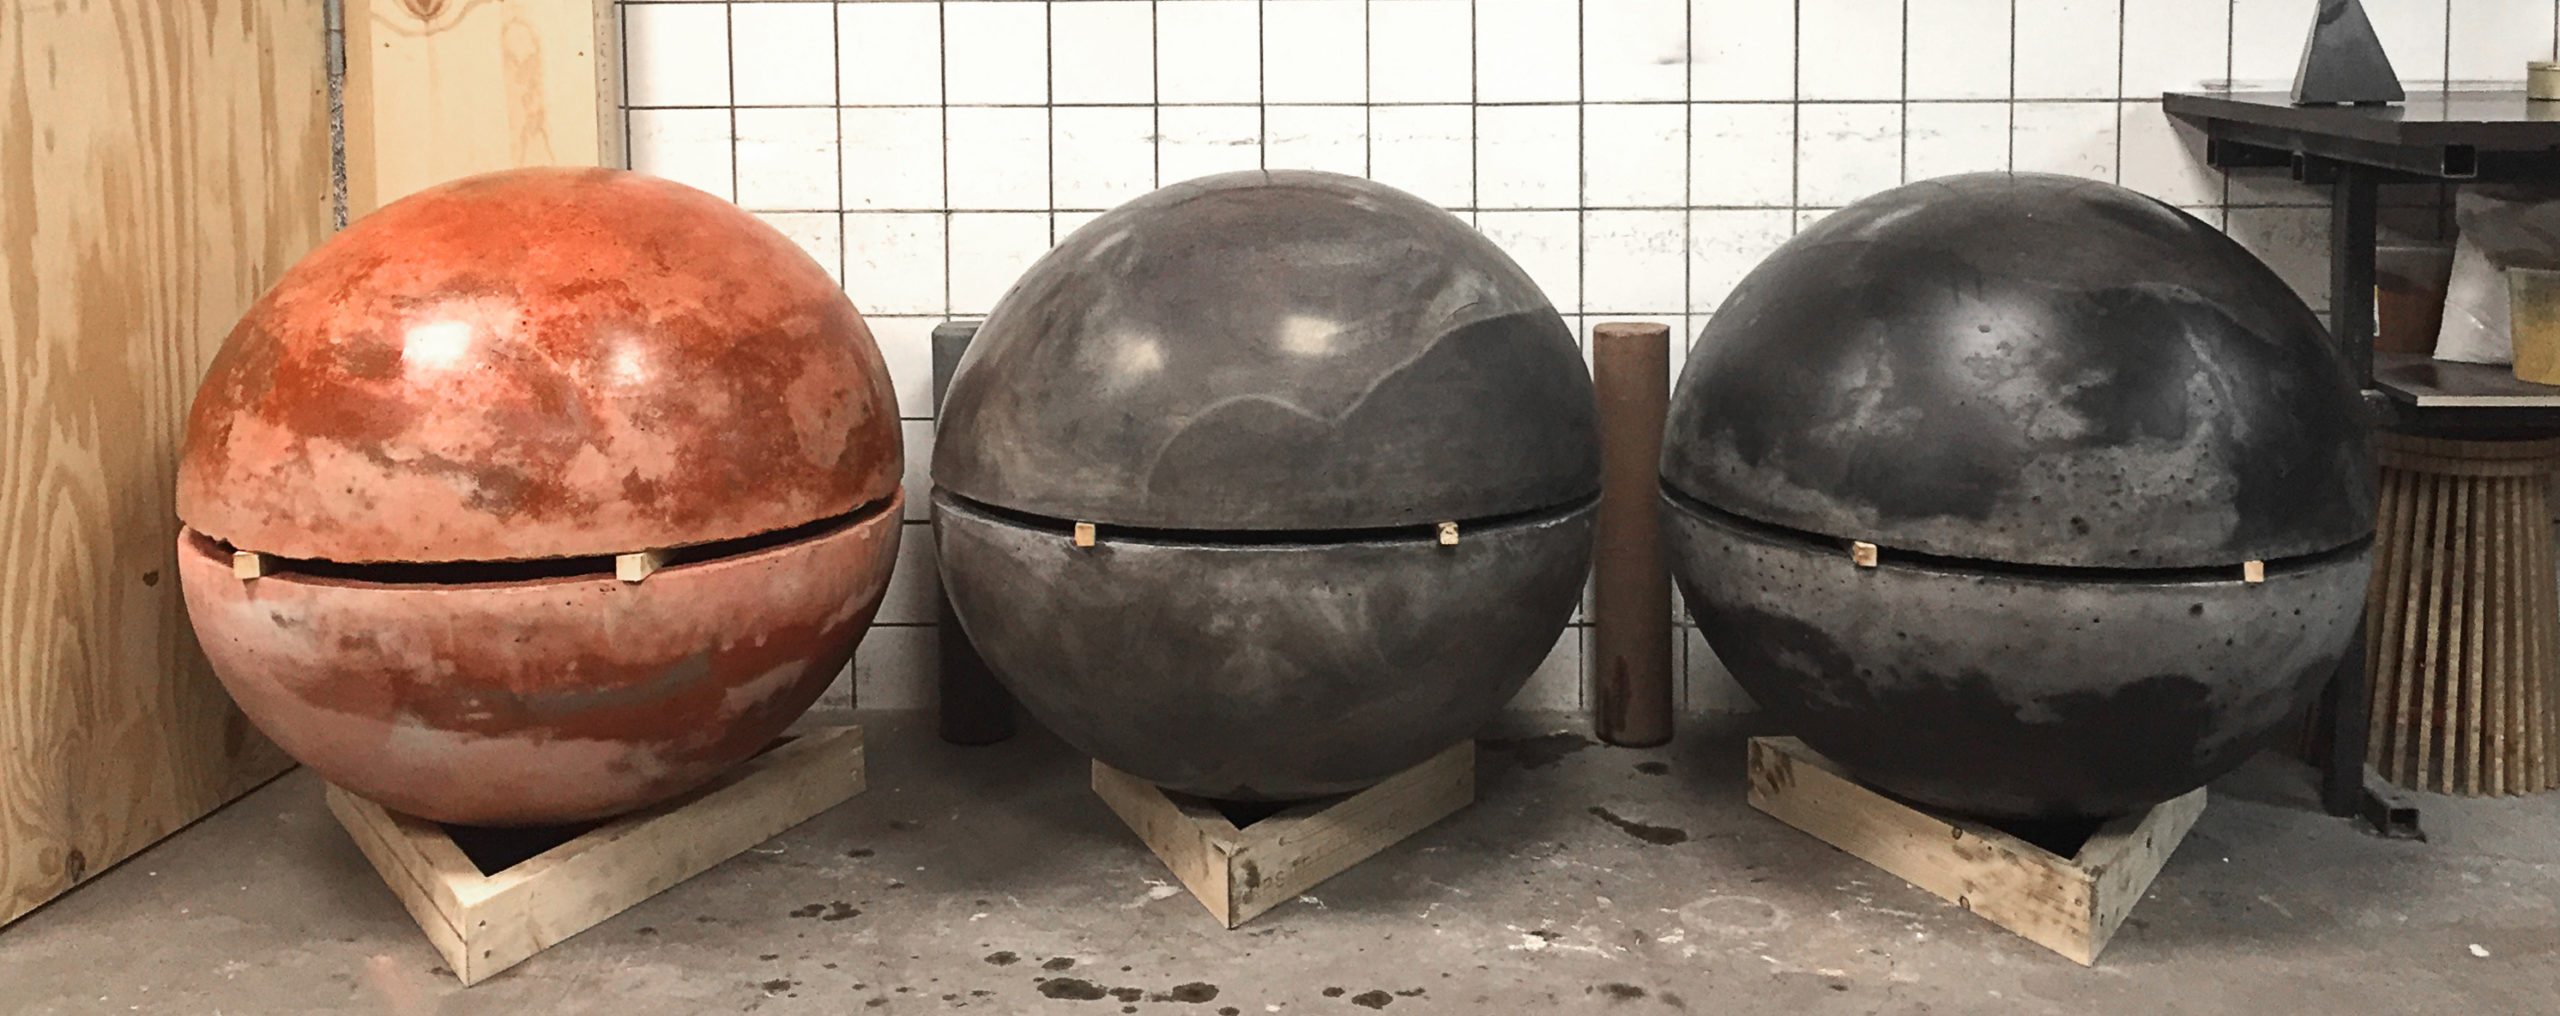 3spheres